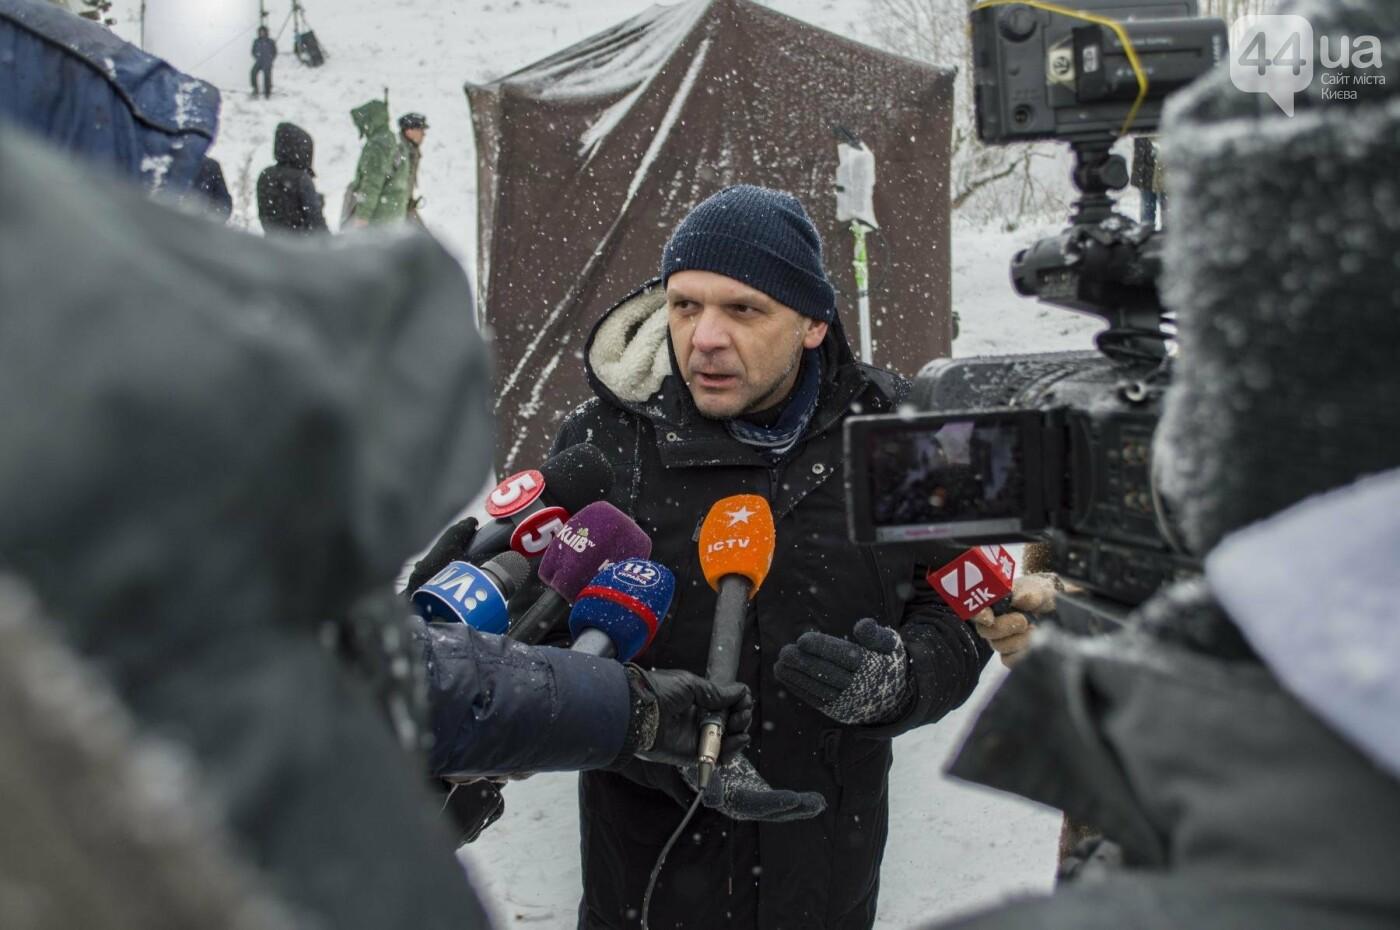 Под Киевом снимают новый украинский фильм, яркие закулисные фото, фото-3